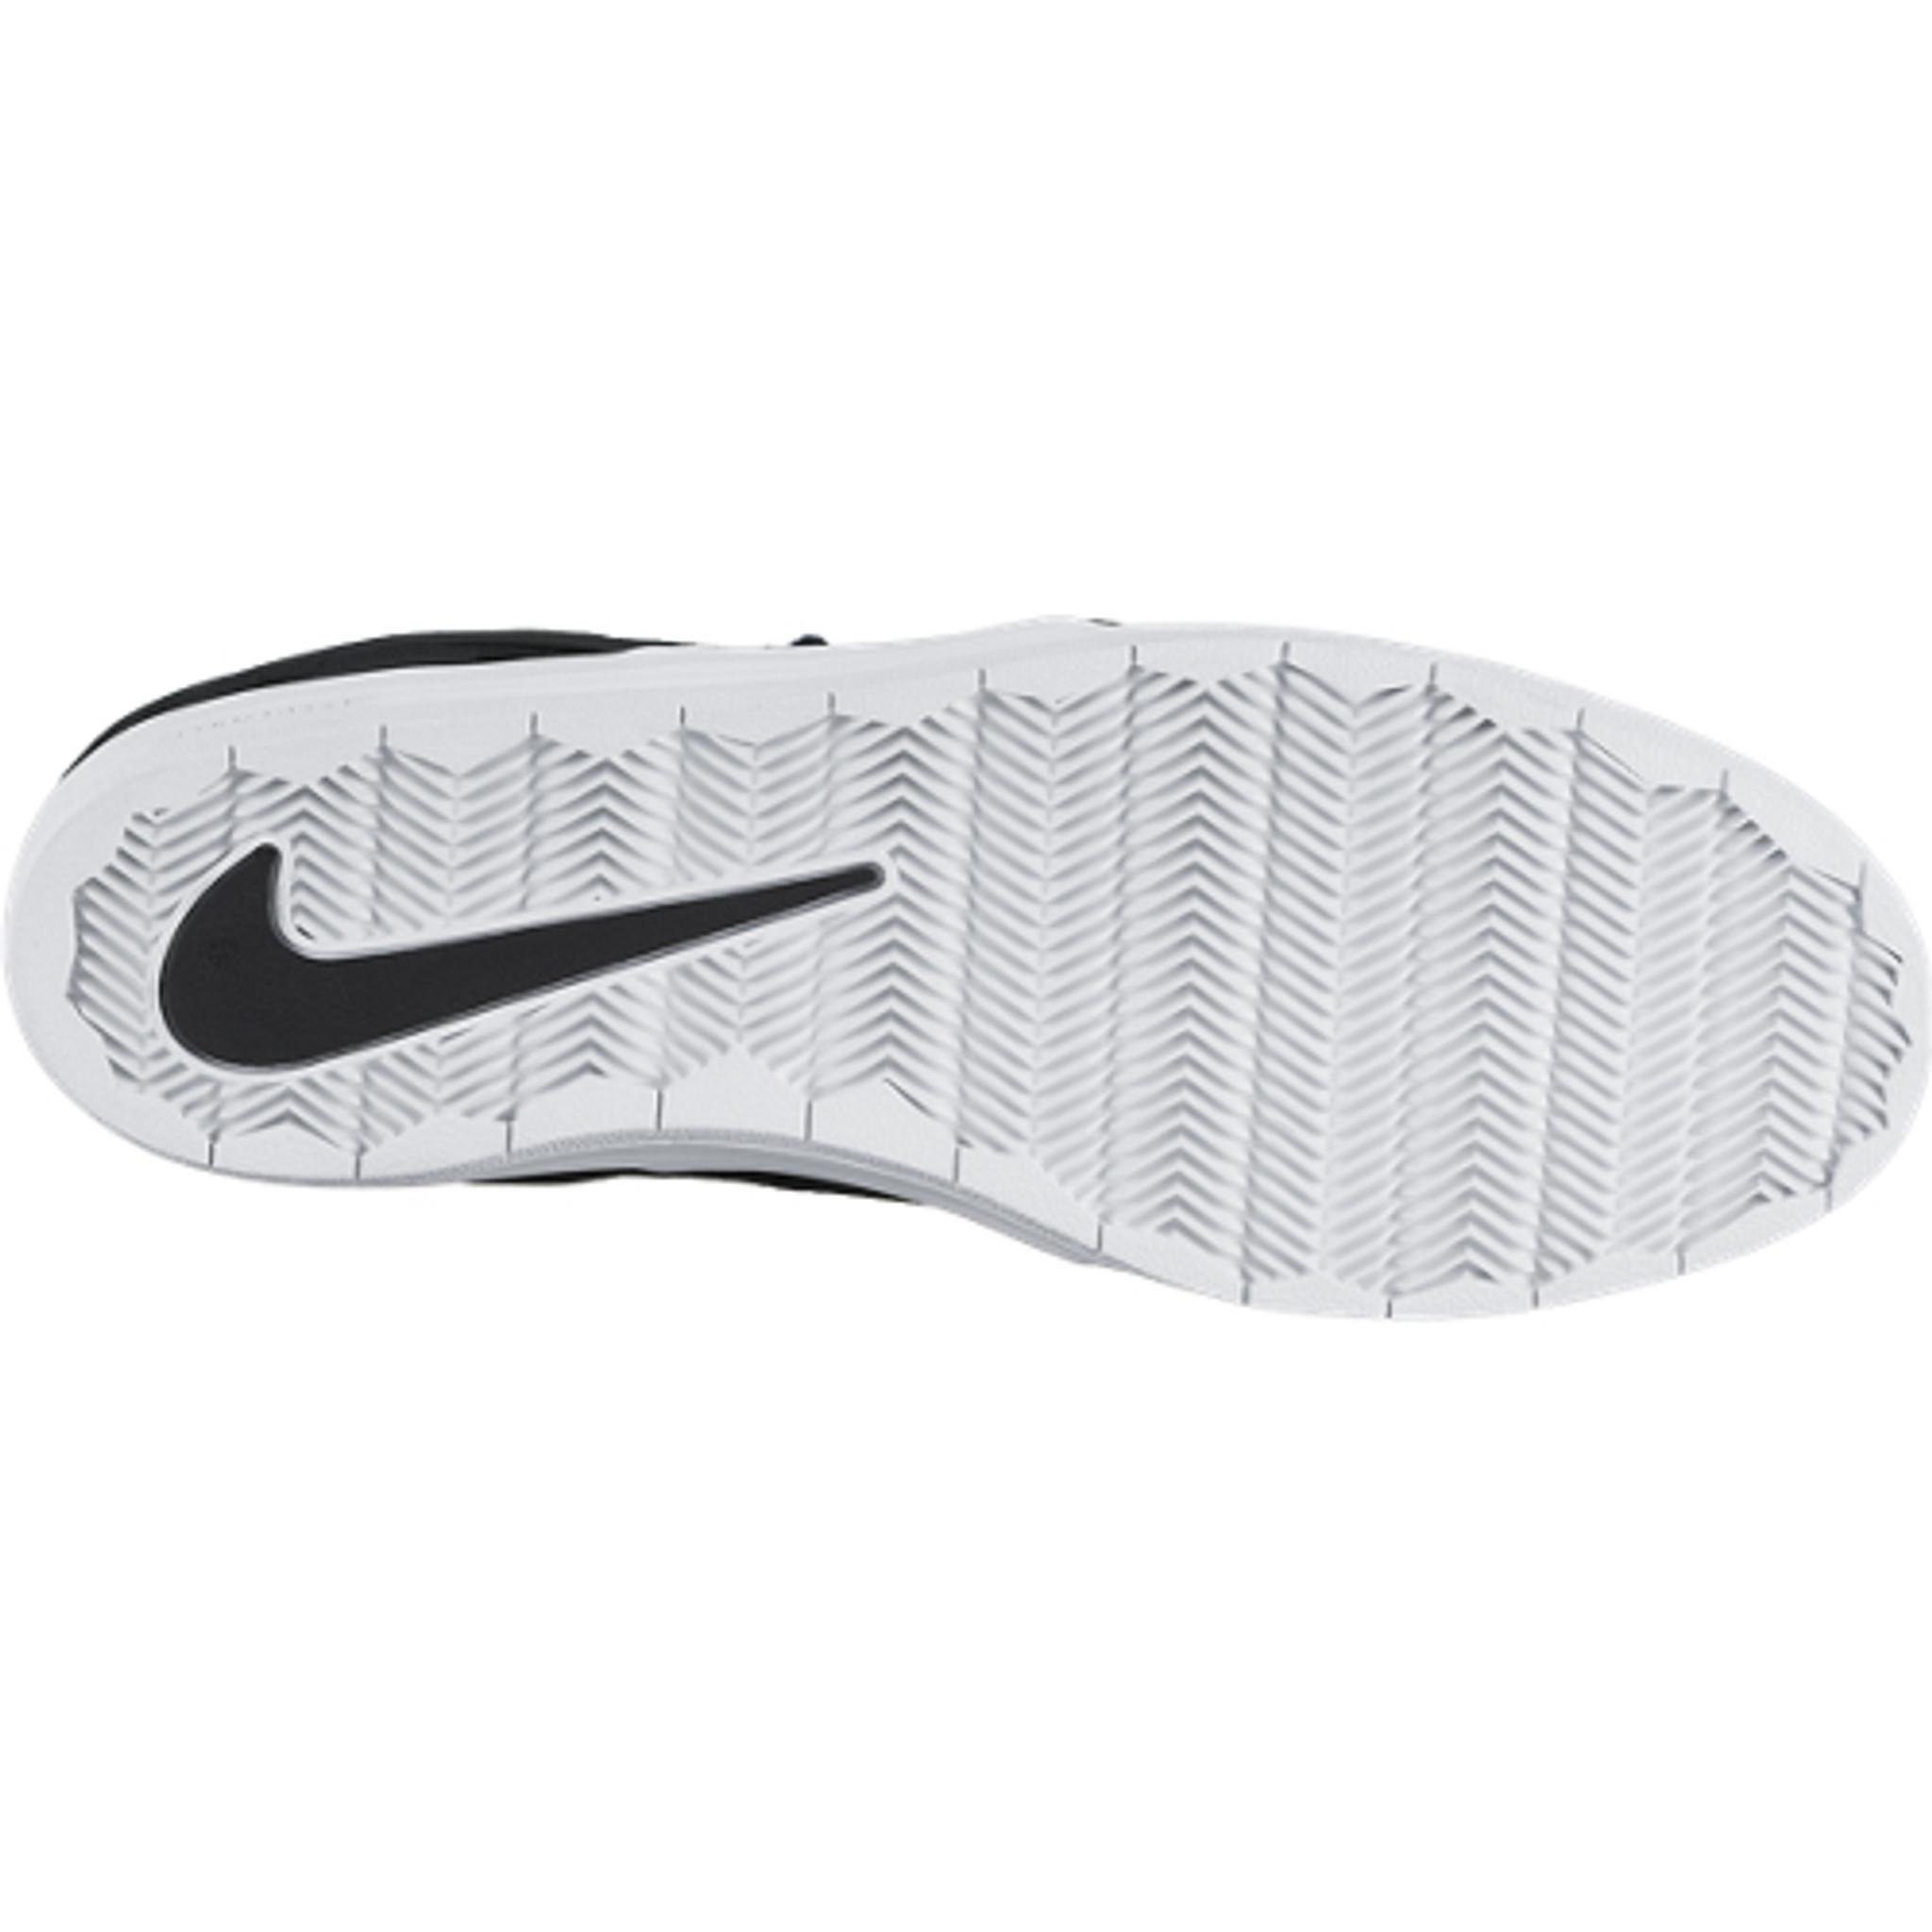 Repeler Situación contaminación  Men's Nike SB Lunar Stefan Janoski Black/Anthracite-Pure Platinum  654857-004 FREE USA SHIPPING FREE USA SHIPPING